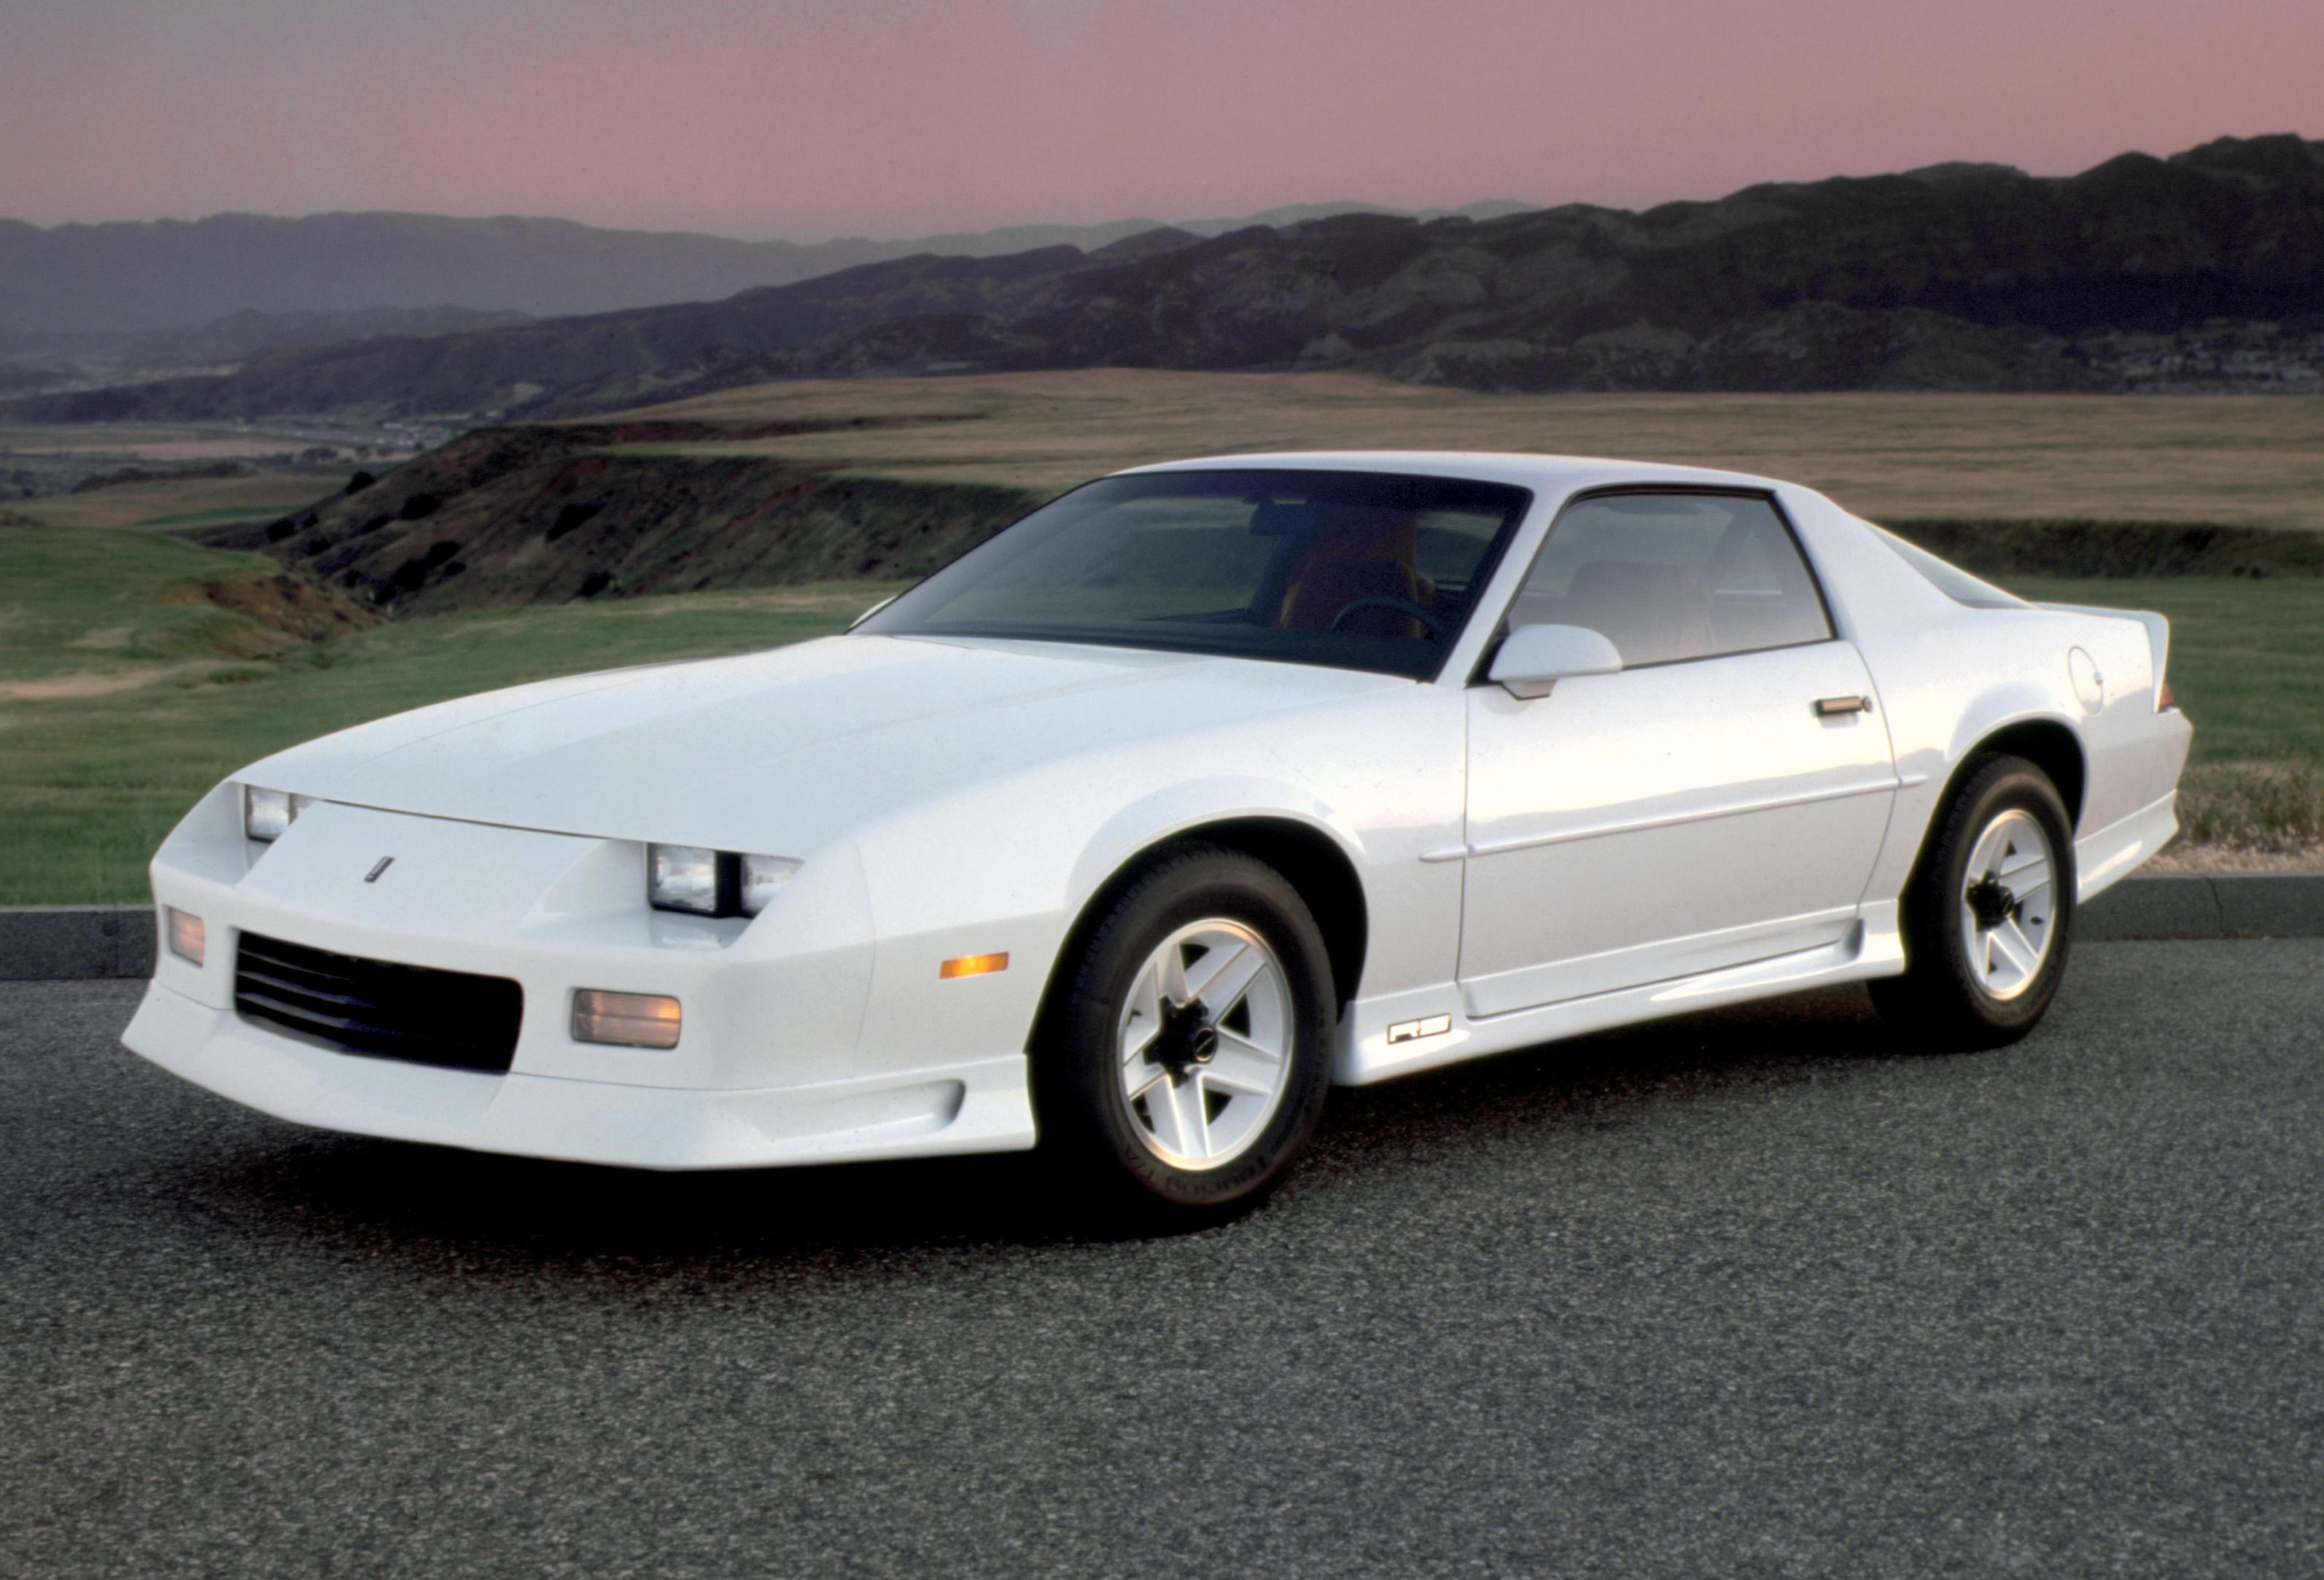 gen 3 Camaro white